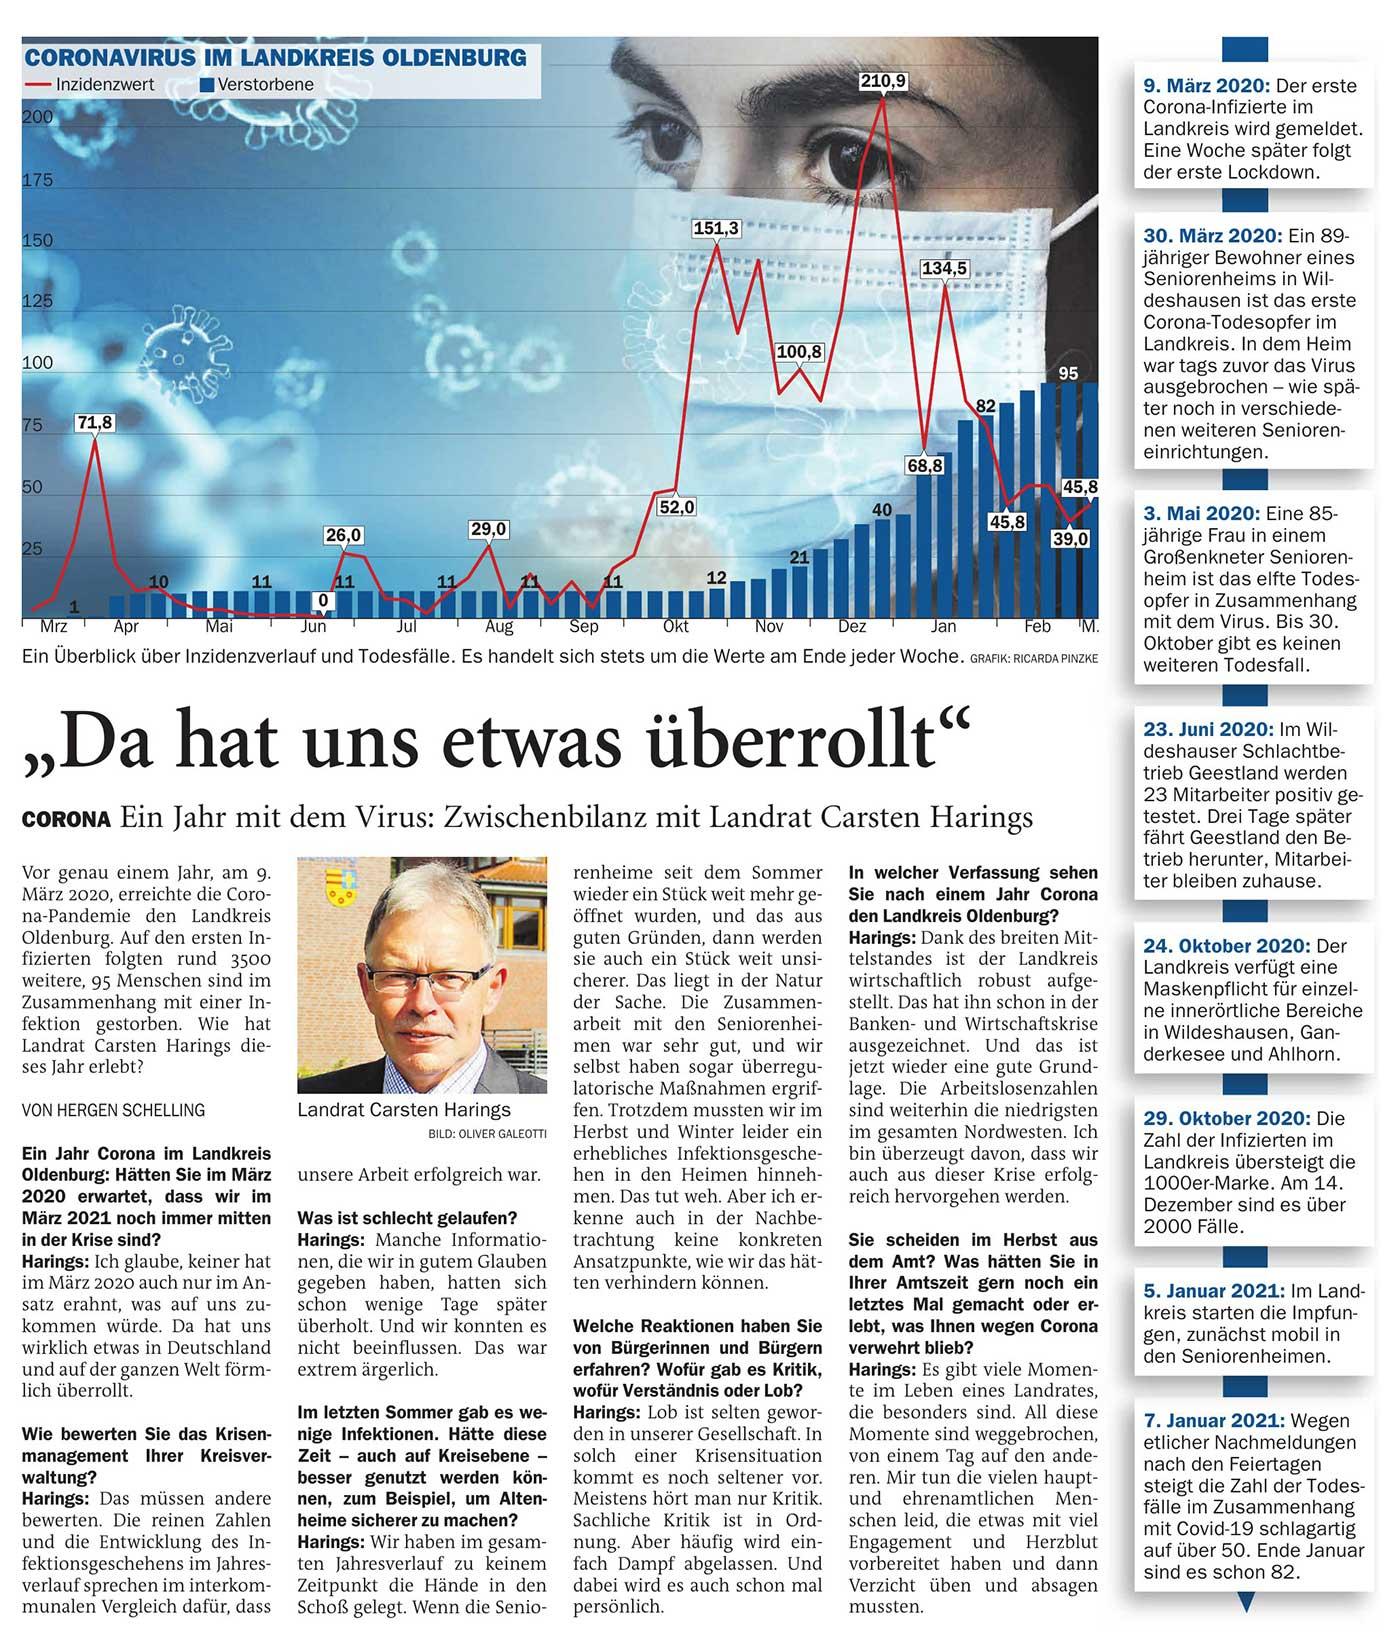 'Da hat uns etwas überrollt'Corona // Ein Jahr mit dem Virus: Zwischenbilanz mit Landrat Carsten HaringsArtikel vom 09.03.2021 (NWZ)